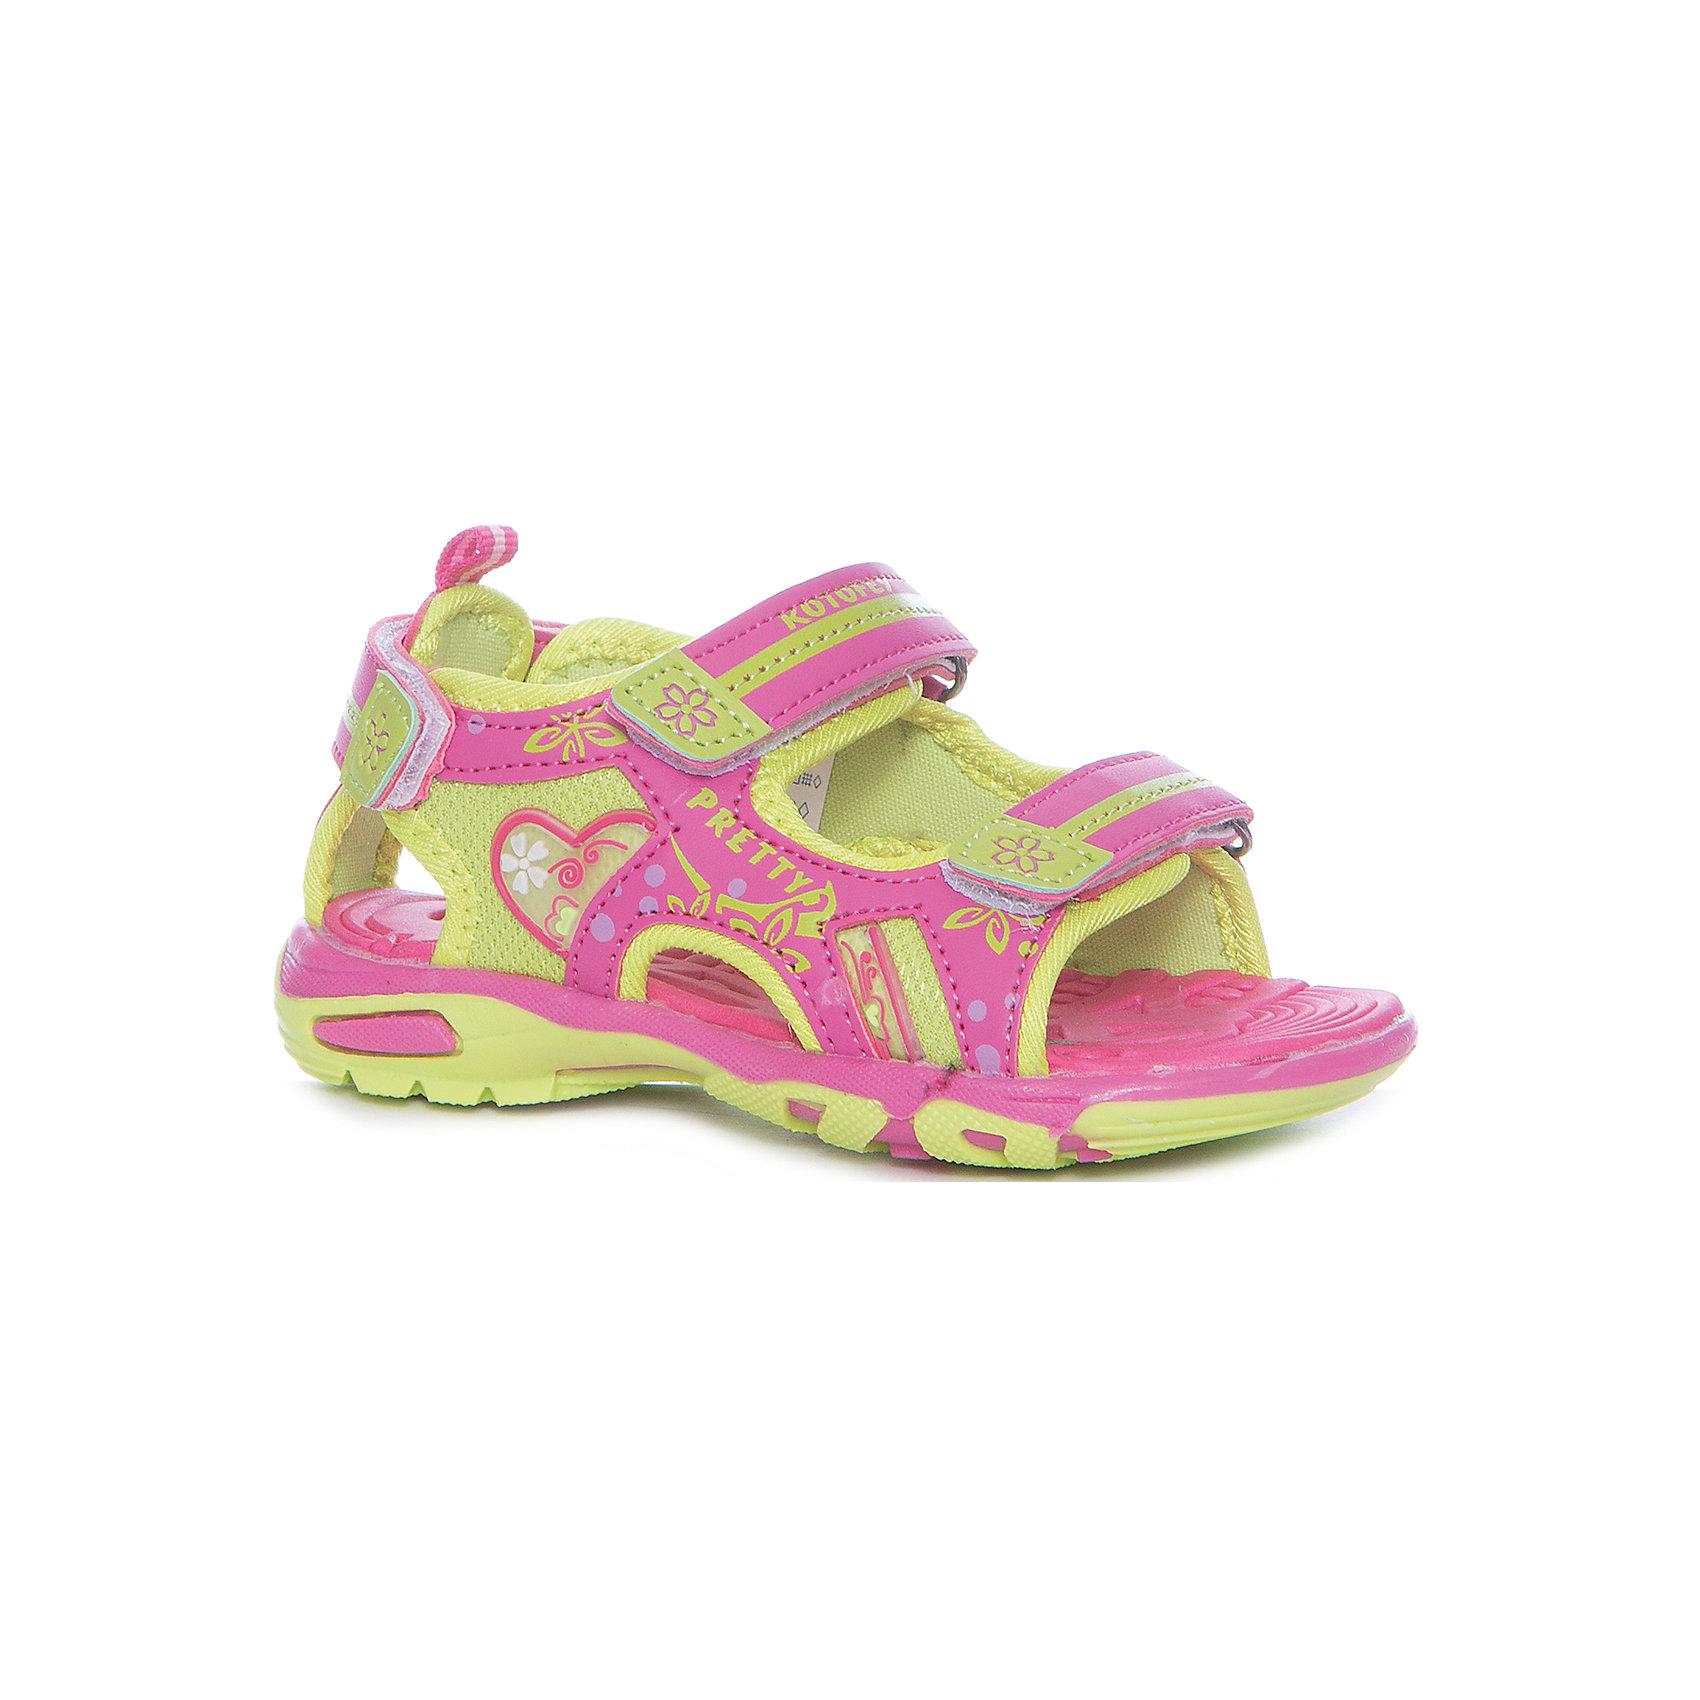 Сандалии для девочки КотофейПляжная обувь<br>Сандалии для девочки Котофей<br>Самая летняя и очень легкая обувь! Сандалии имеют небольшой мягкий задник и открытый нос. Украшены стильными контрастными цветами, строчками и декоративными элементами. Выполнены из износостойкой и надёжной искусственной кожи. Подошва этой модели анатомическая, учитывает особенности стопы, выполнена из термоэластопласта, с текстильным материалом подкладки. Две удобные \липучки\, максимально комфортно и быстро регулируют обувь на ноге. Эти сандалии прекрасно подойдут для походов в бассейн или на пляж в жаркие летние дни!<br>Материал верха<br>    3 Искусственная кожа<br><br>Материал подклада<br>    1 Текстильная<br><br>Материал подошвы<br>    ТЭП<br><br>Ширина мм: 219<br>Глубина мм: 154<br>Высота мм: 121<br>Вес г: 343<br>Цвет: розовый<br>Возраст от месяцев: 60<br>Возраст до месяцев: 72<br>Пол: Женский<br>Возраст: Детский<br>Размер: 29,25,26,27,28<br>SKU: 6673502